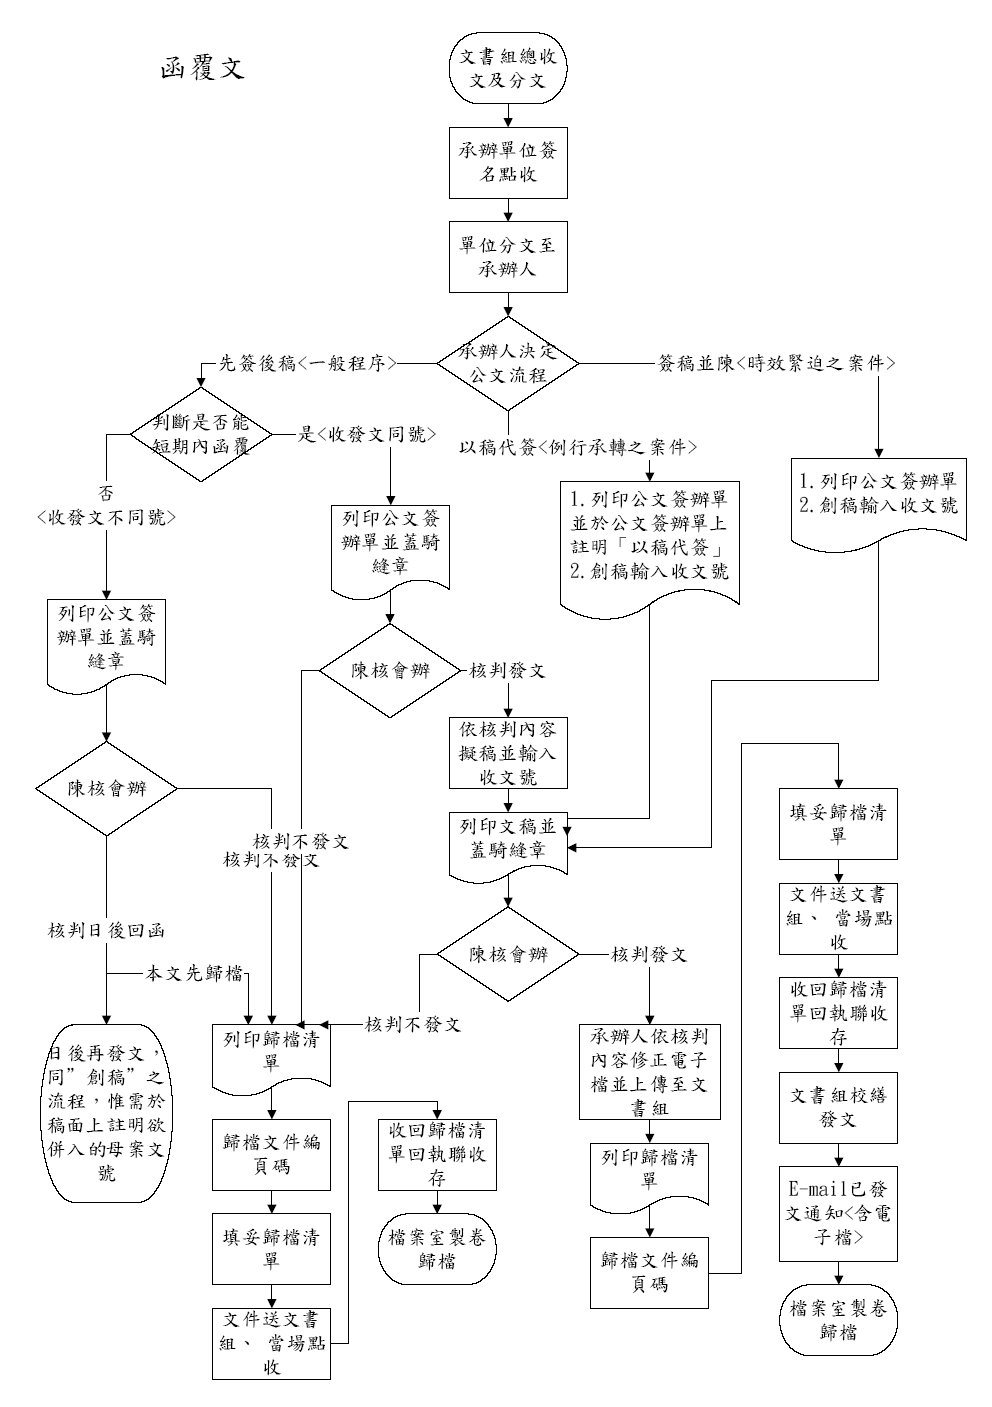 电路交换业务起呼流程图